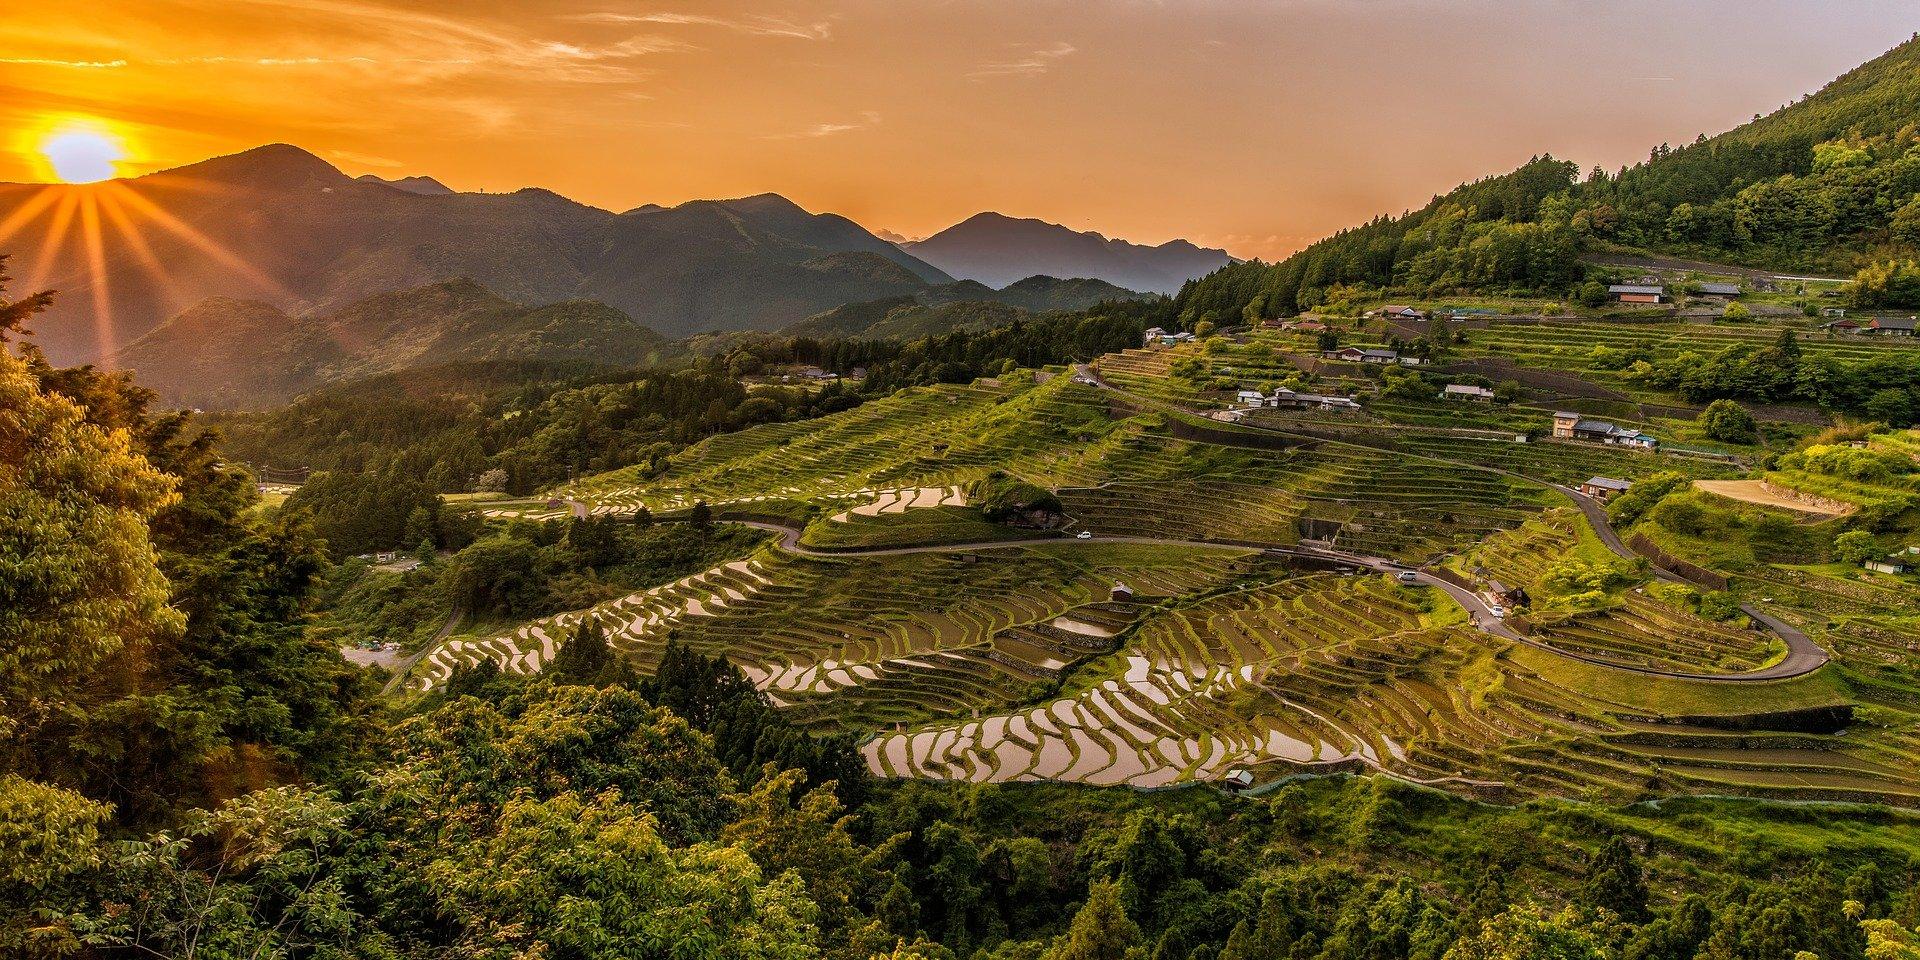 Reisproduktion in Zeiten globaler Erwärmung